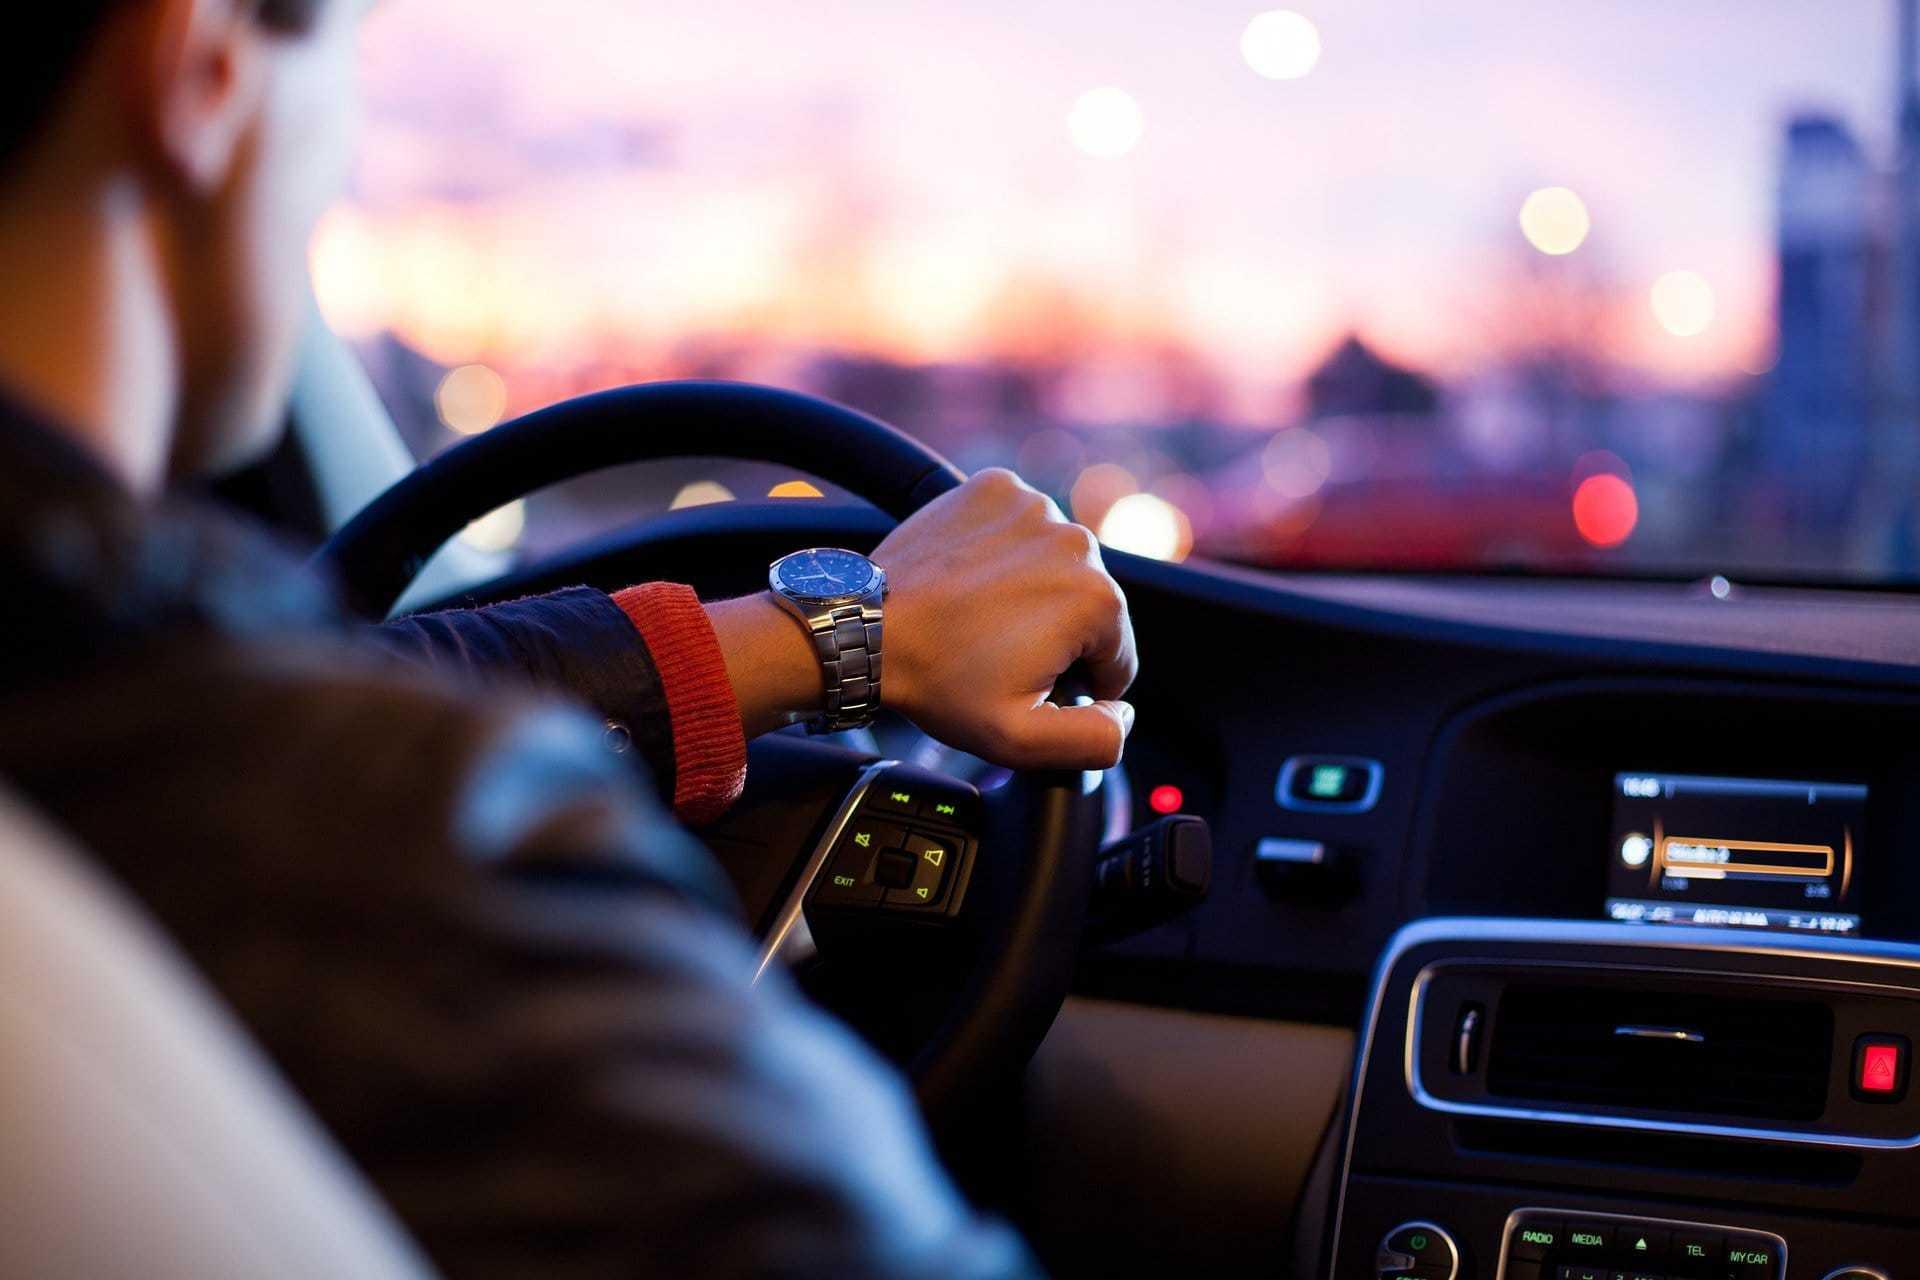 Руль машины - дом для бактерий